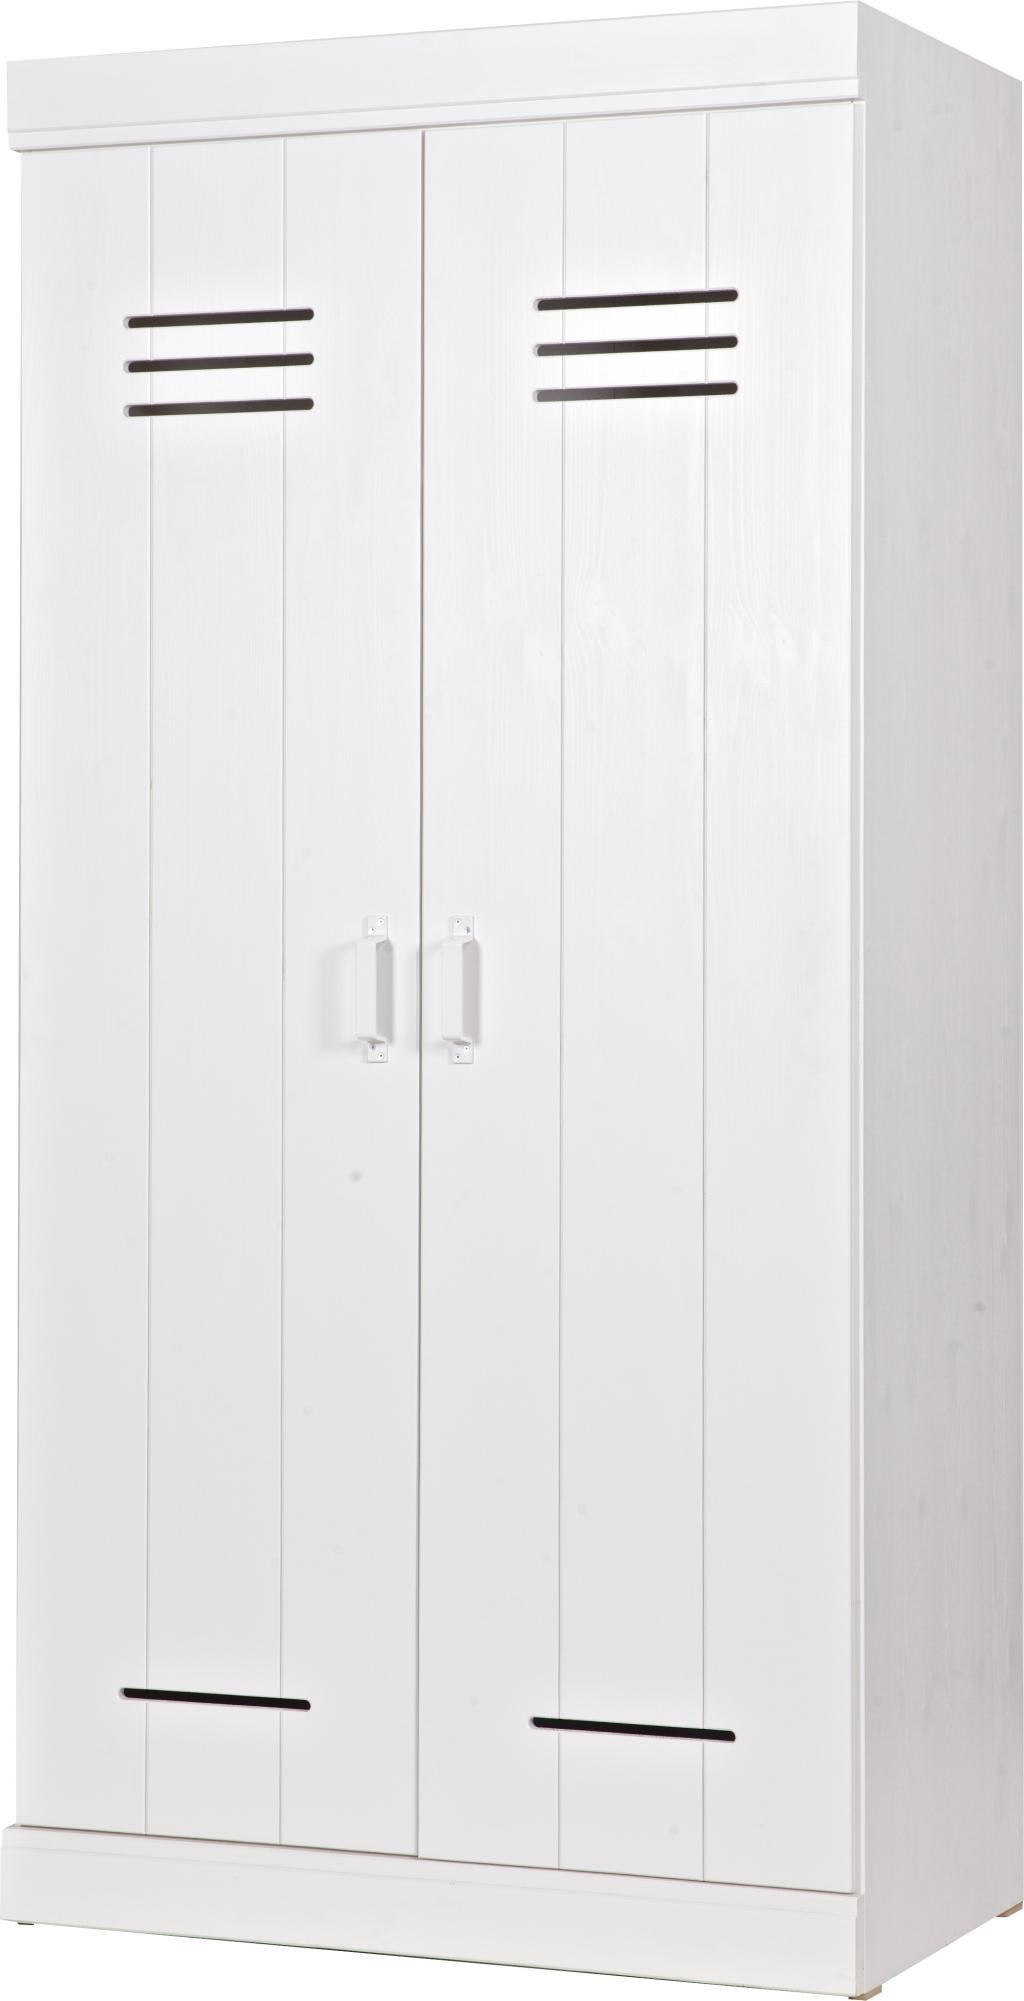 kleiderschrank connect spindt r wei 2 t re 2 laden woood kaufen. Black Bedroom Furniture Sets. Home Design Ideas